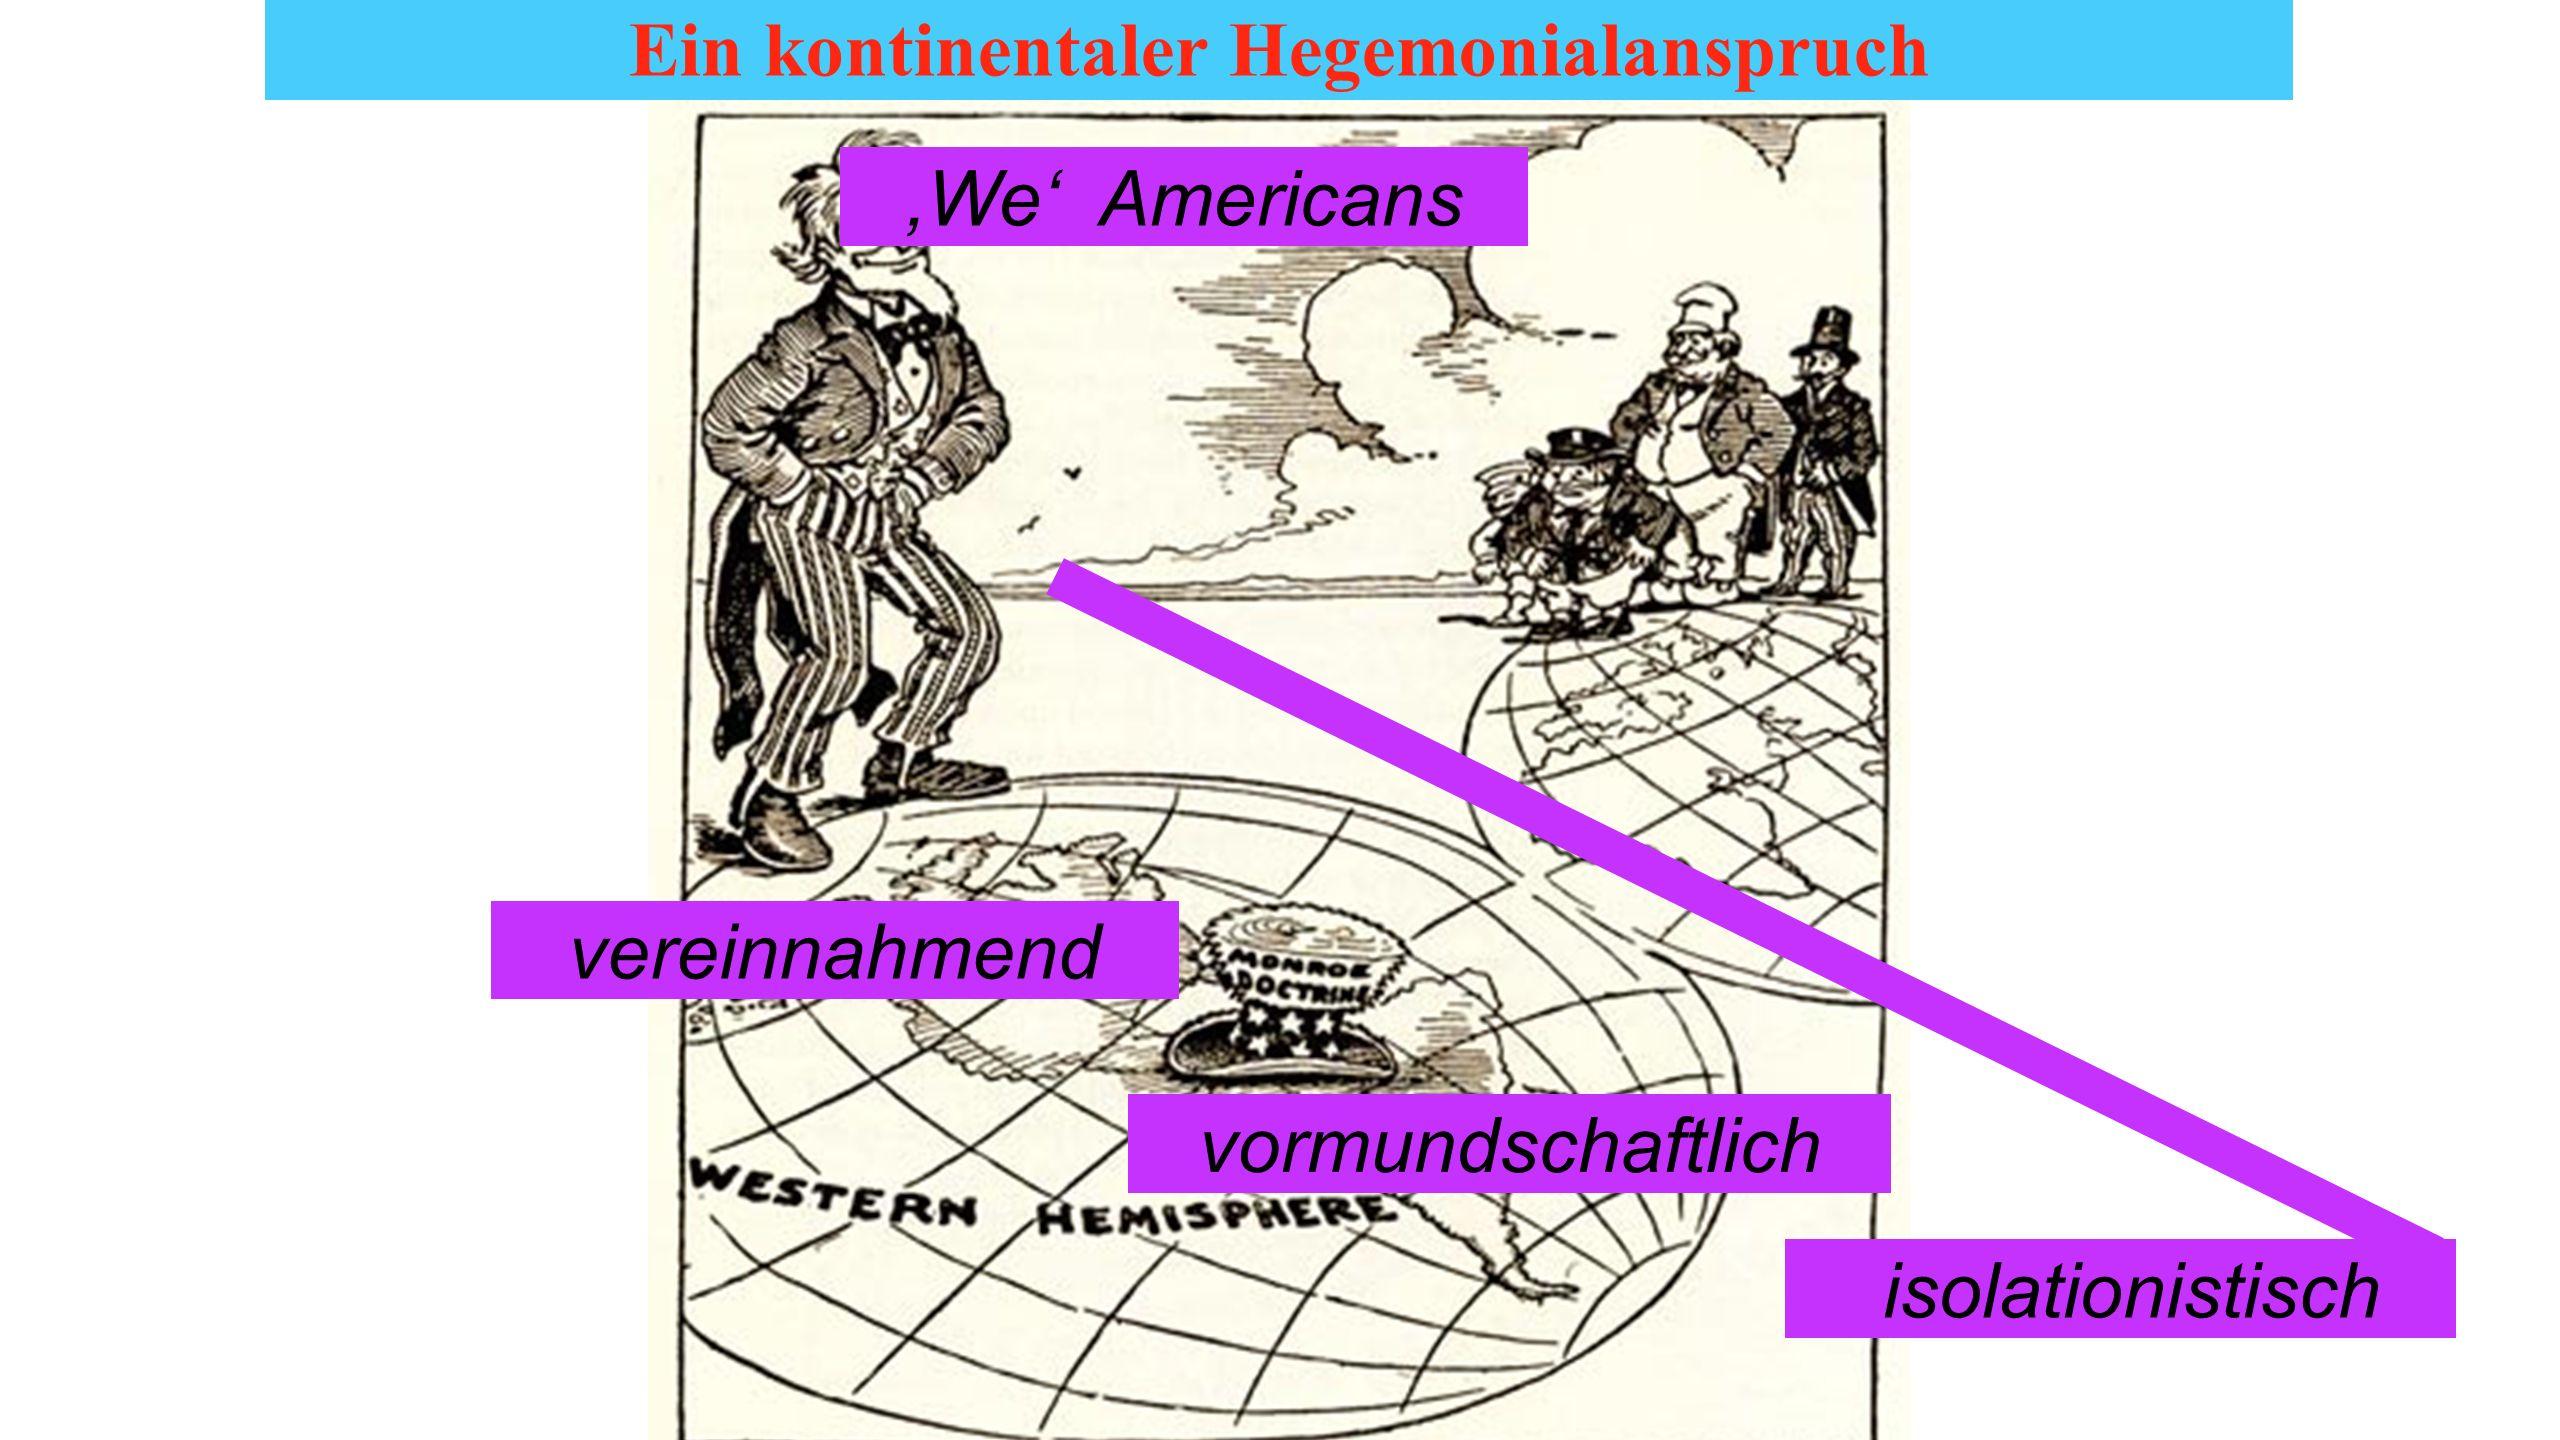 Ein kontinentaler Hegemonialanspruch